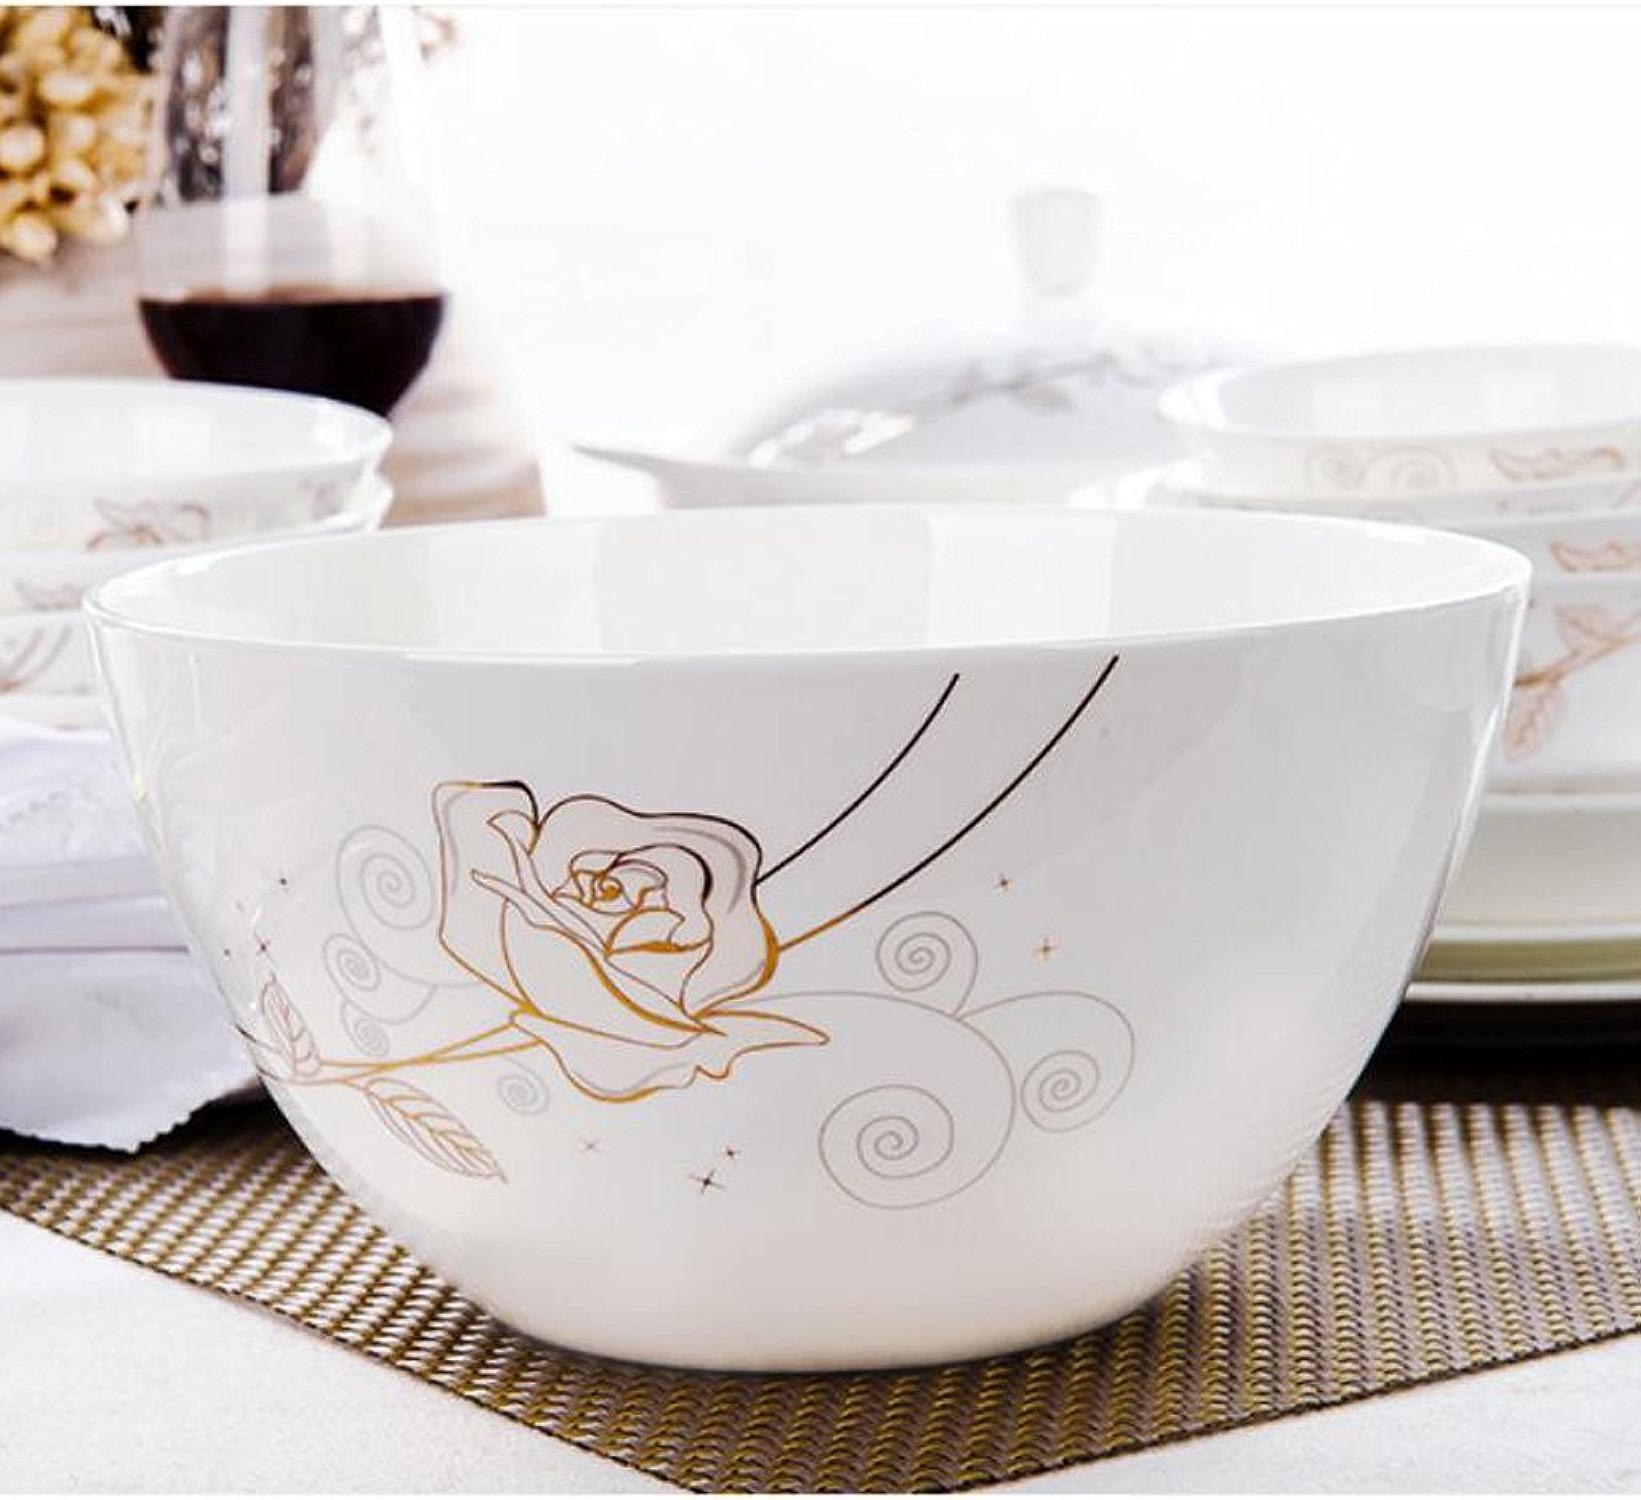 Bassin de soupe MXJ61 8 Pouces Soup Bowl Céramique Souffle Ustensiles Domestiques RaHommes Bowl 2 Pcs Set Envoyer Spoon (Couleur   A)